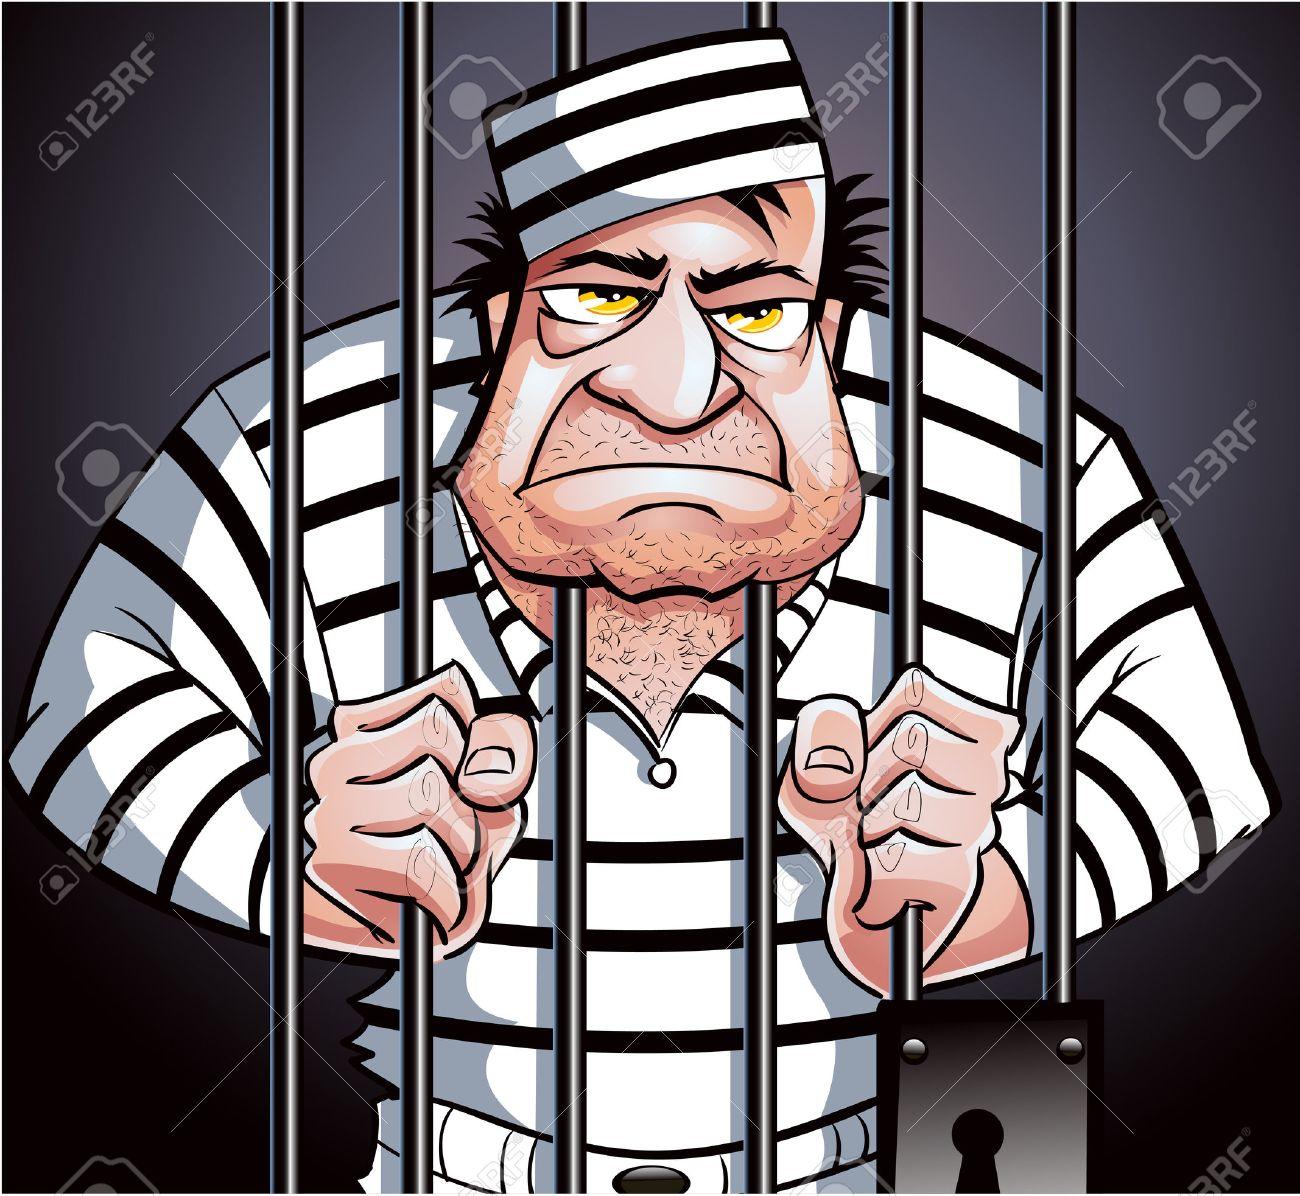 Prisoner behind bars.